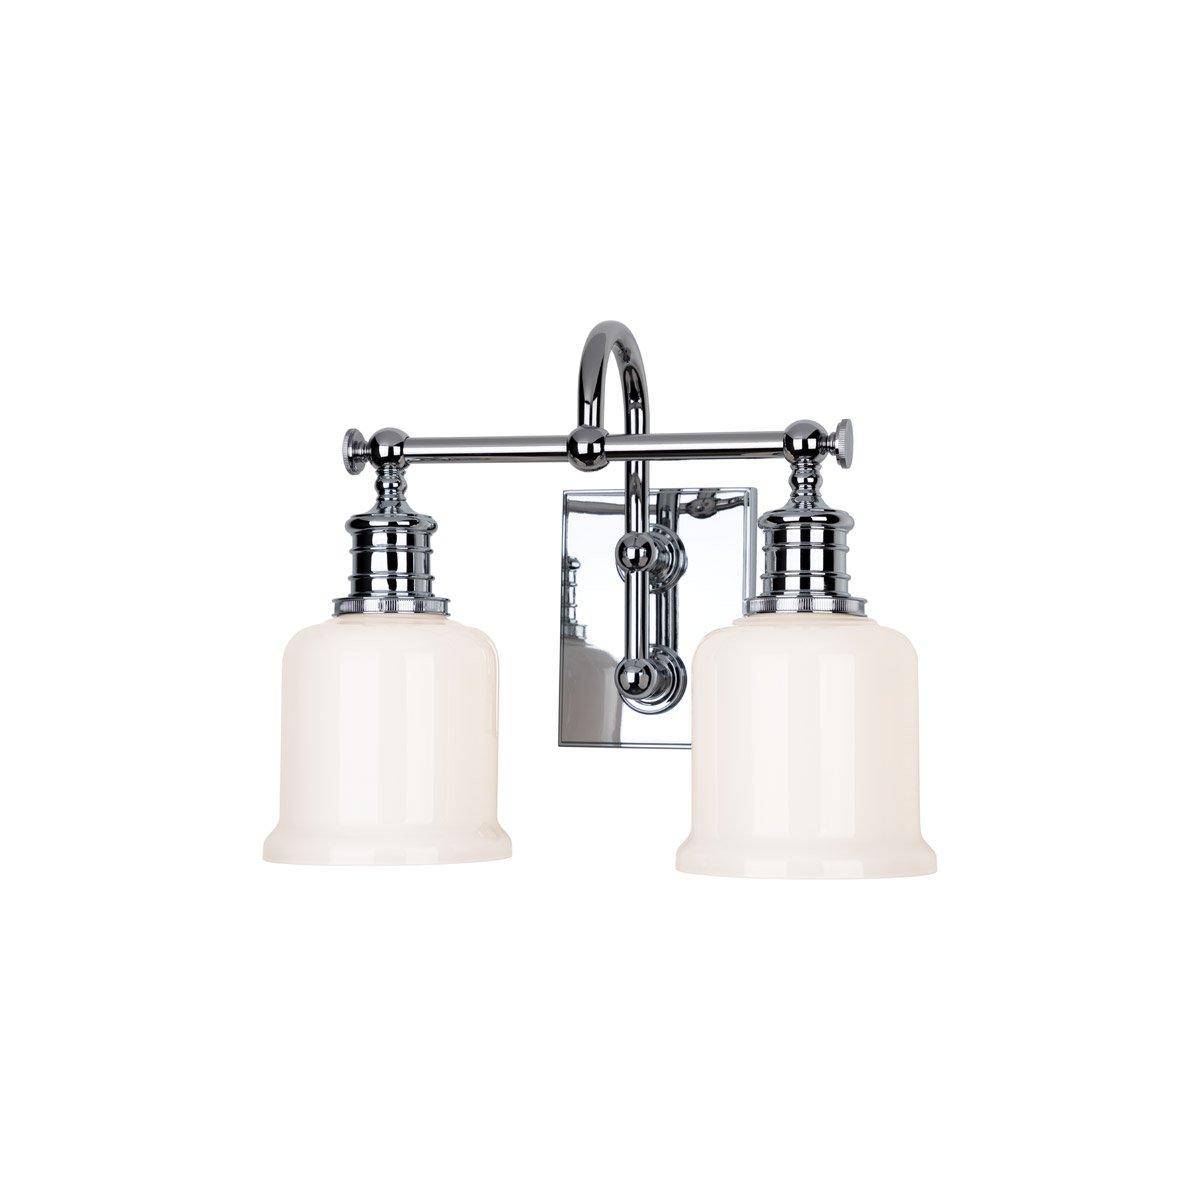 浴室洗面化粧台2ライトwith Polishedクローム仕上げa19電球14インチ200ワット B07DLW3MK8